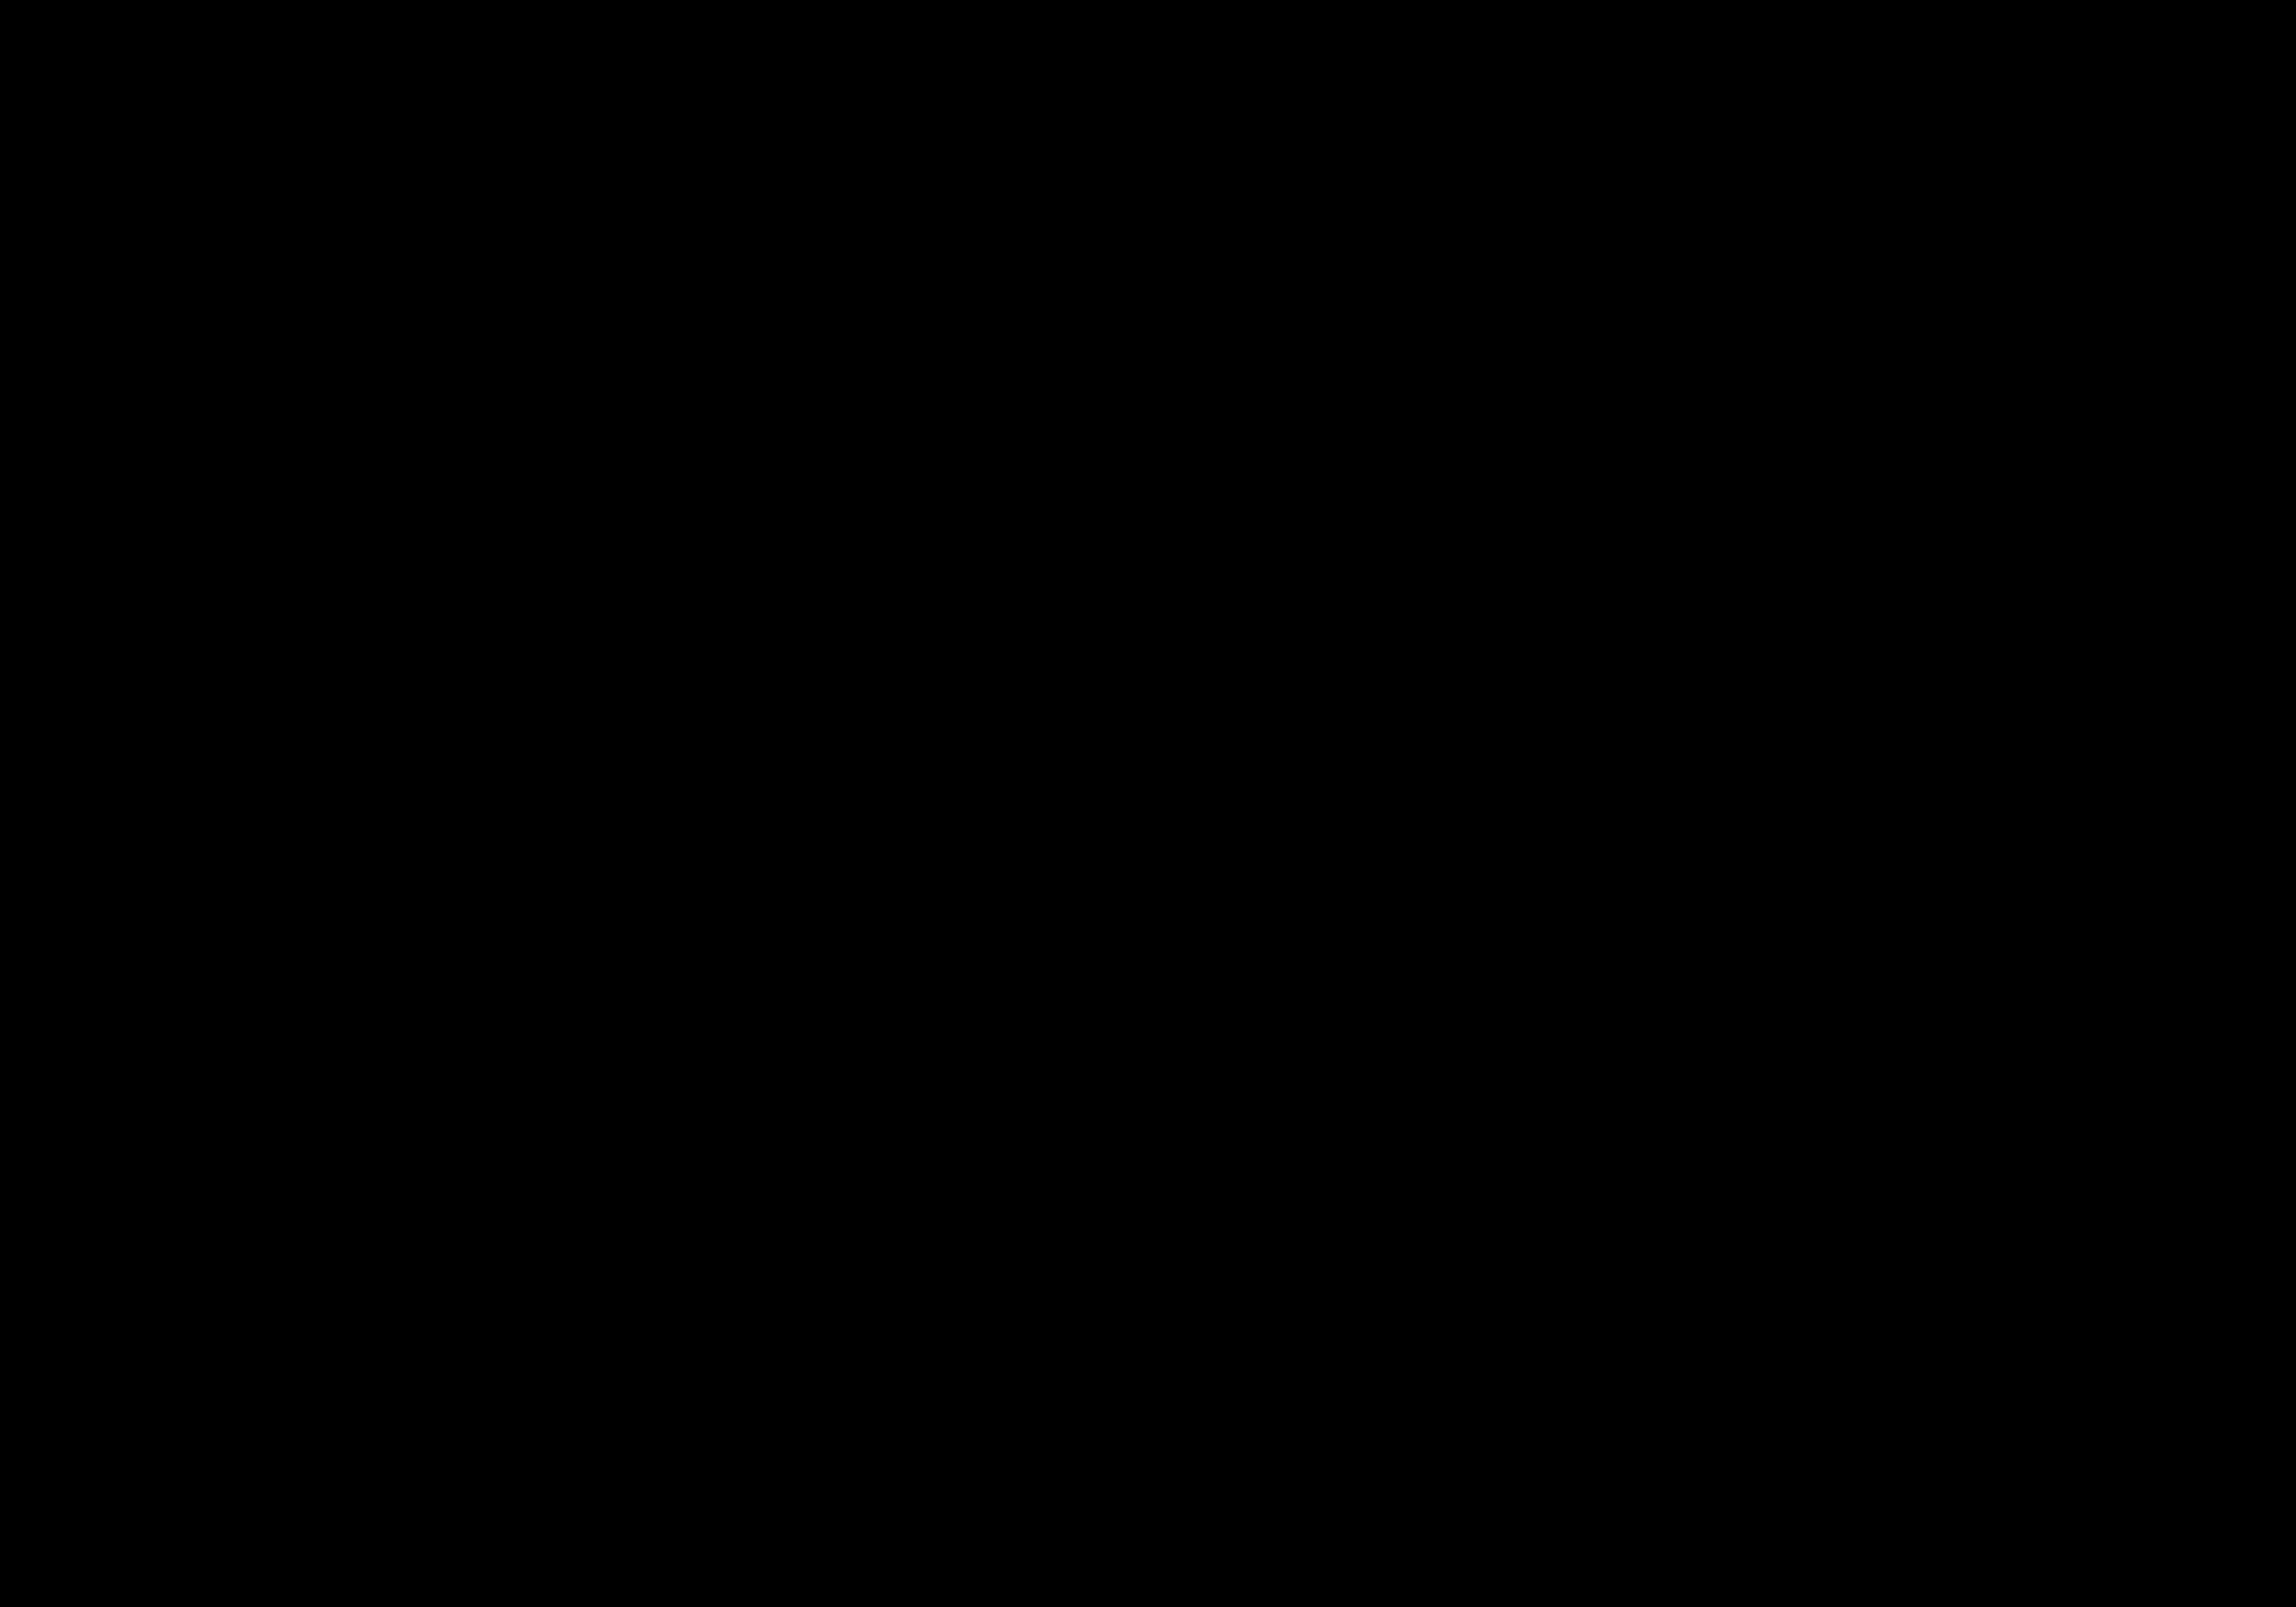 马展标志-定稿2014.4.9